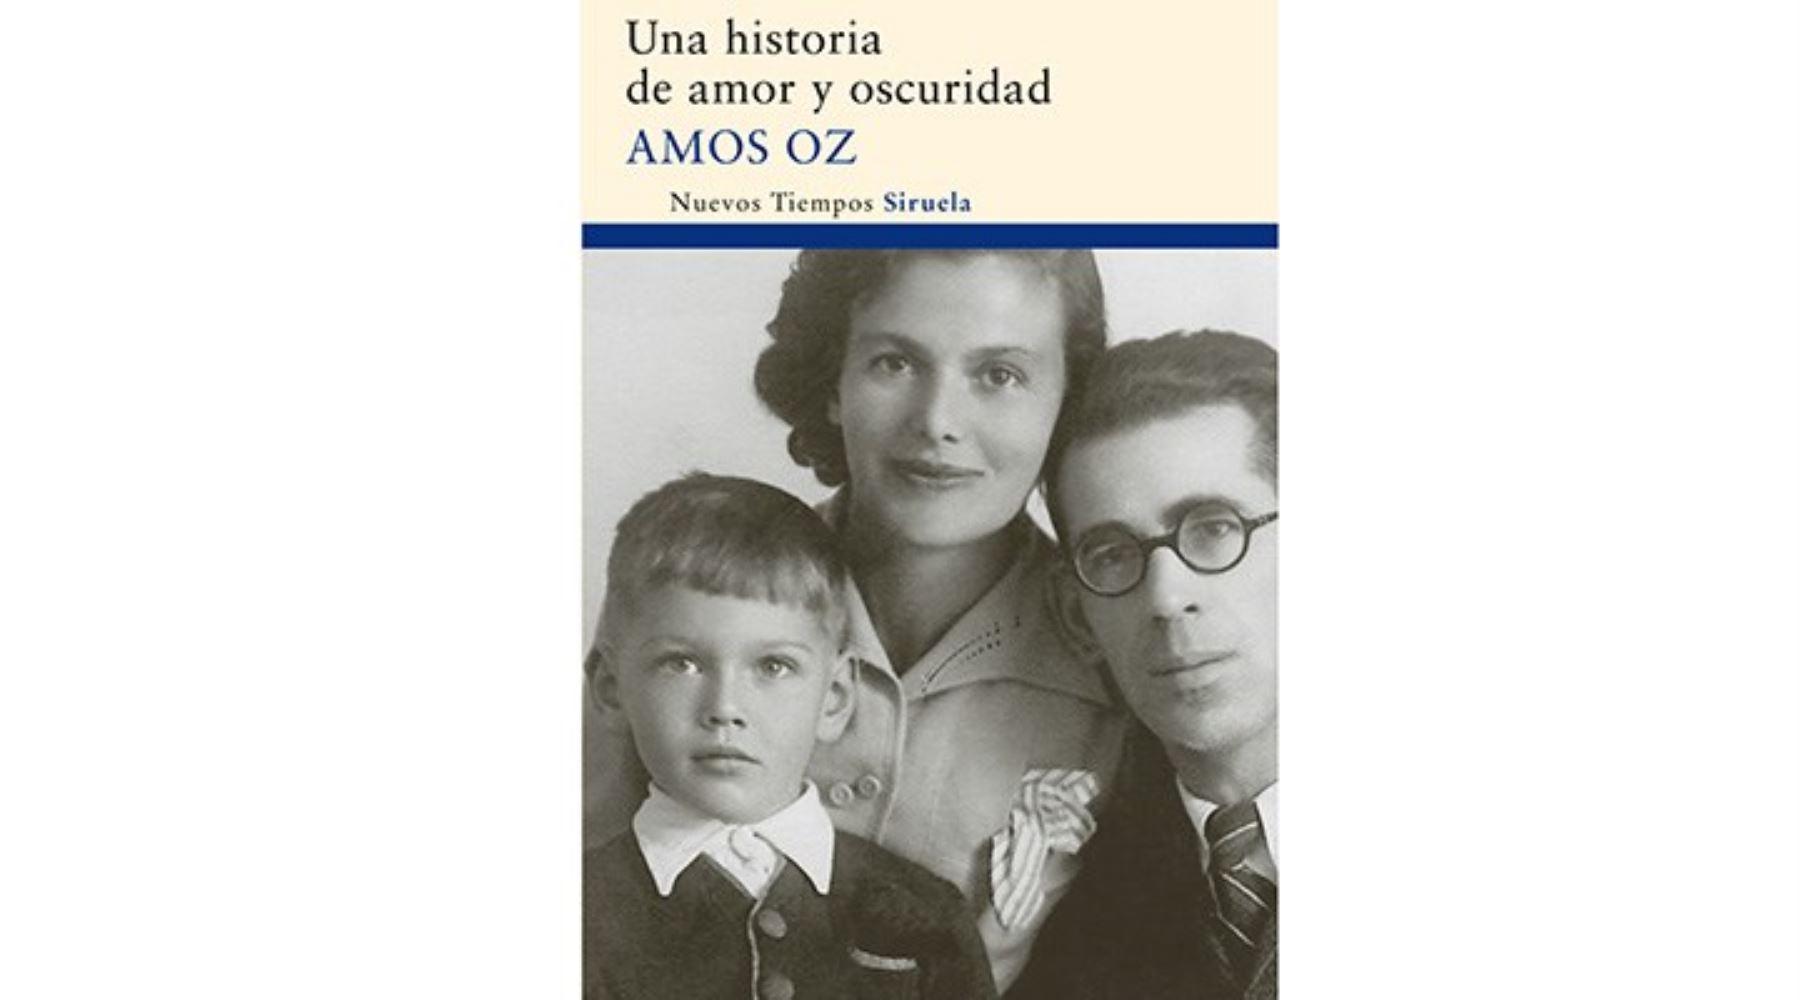 Portada de libro de Amos Oz